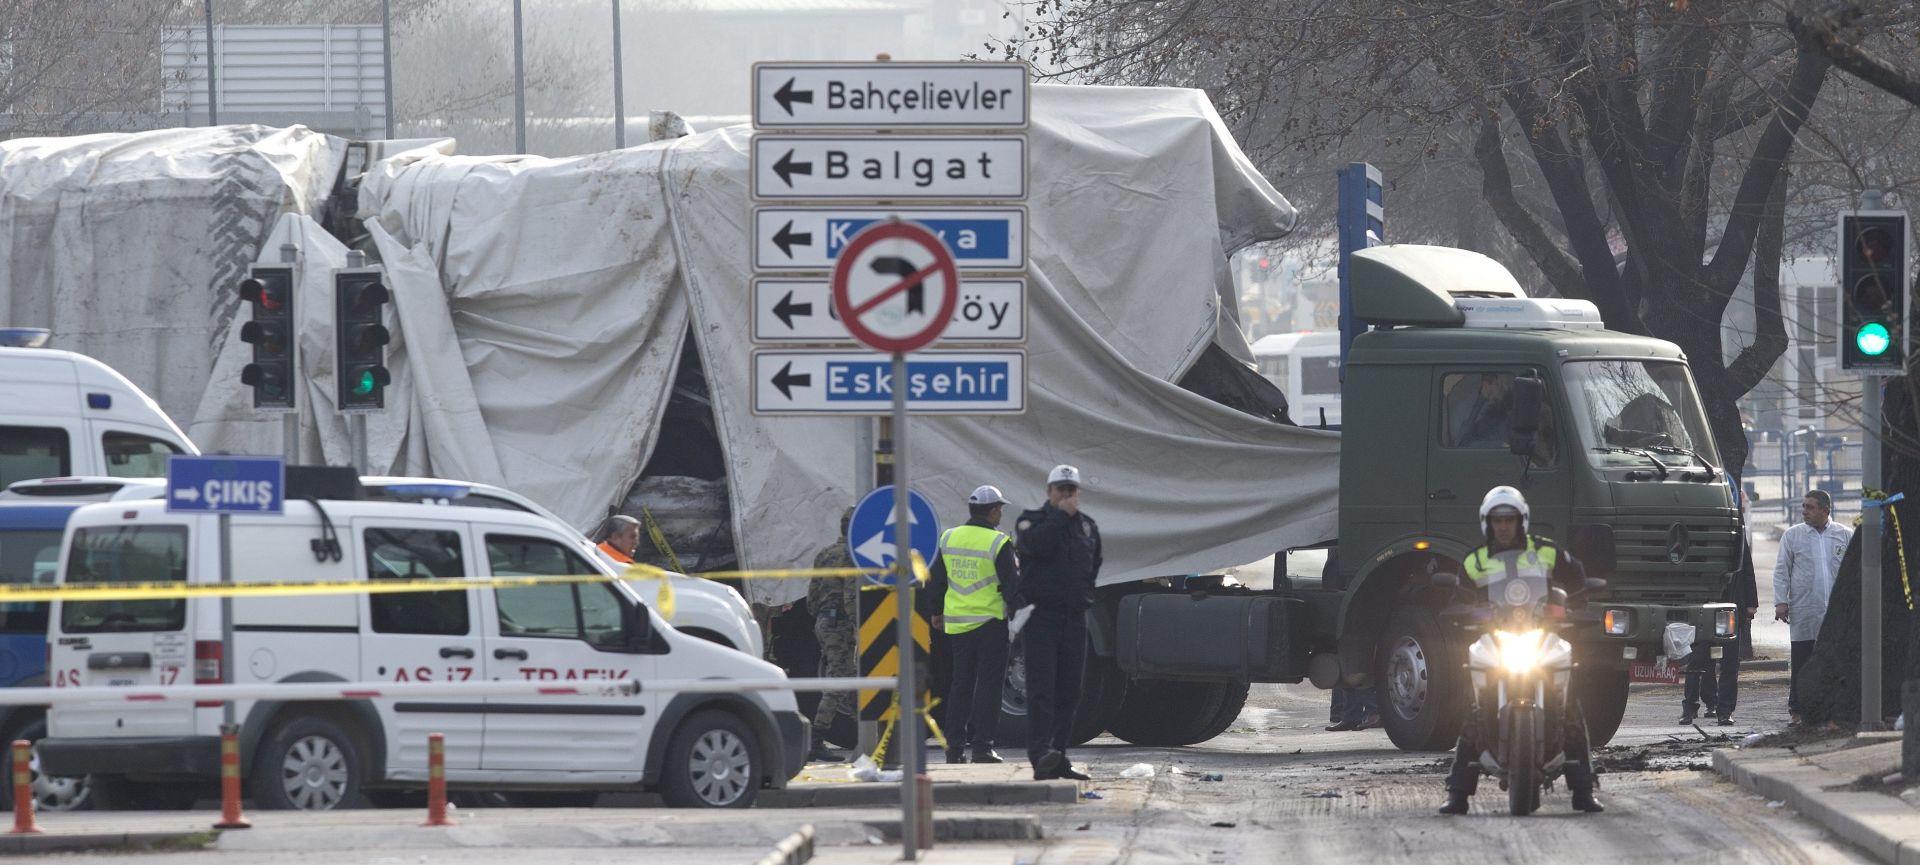 Čelnici EU-a osuđuju teroristički napad u Ankari